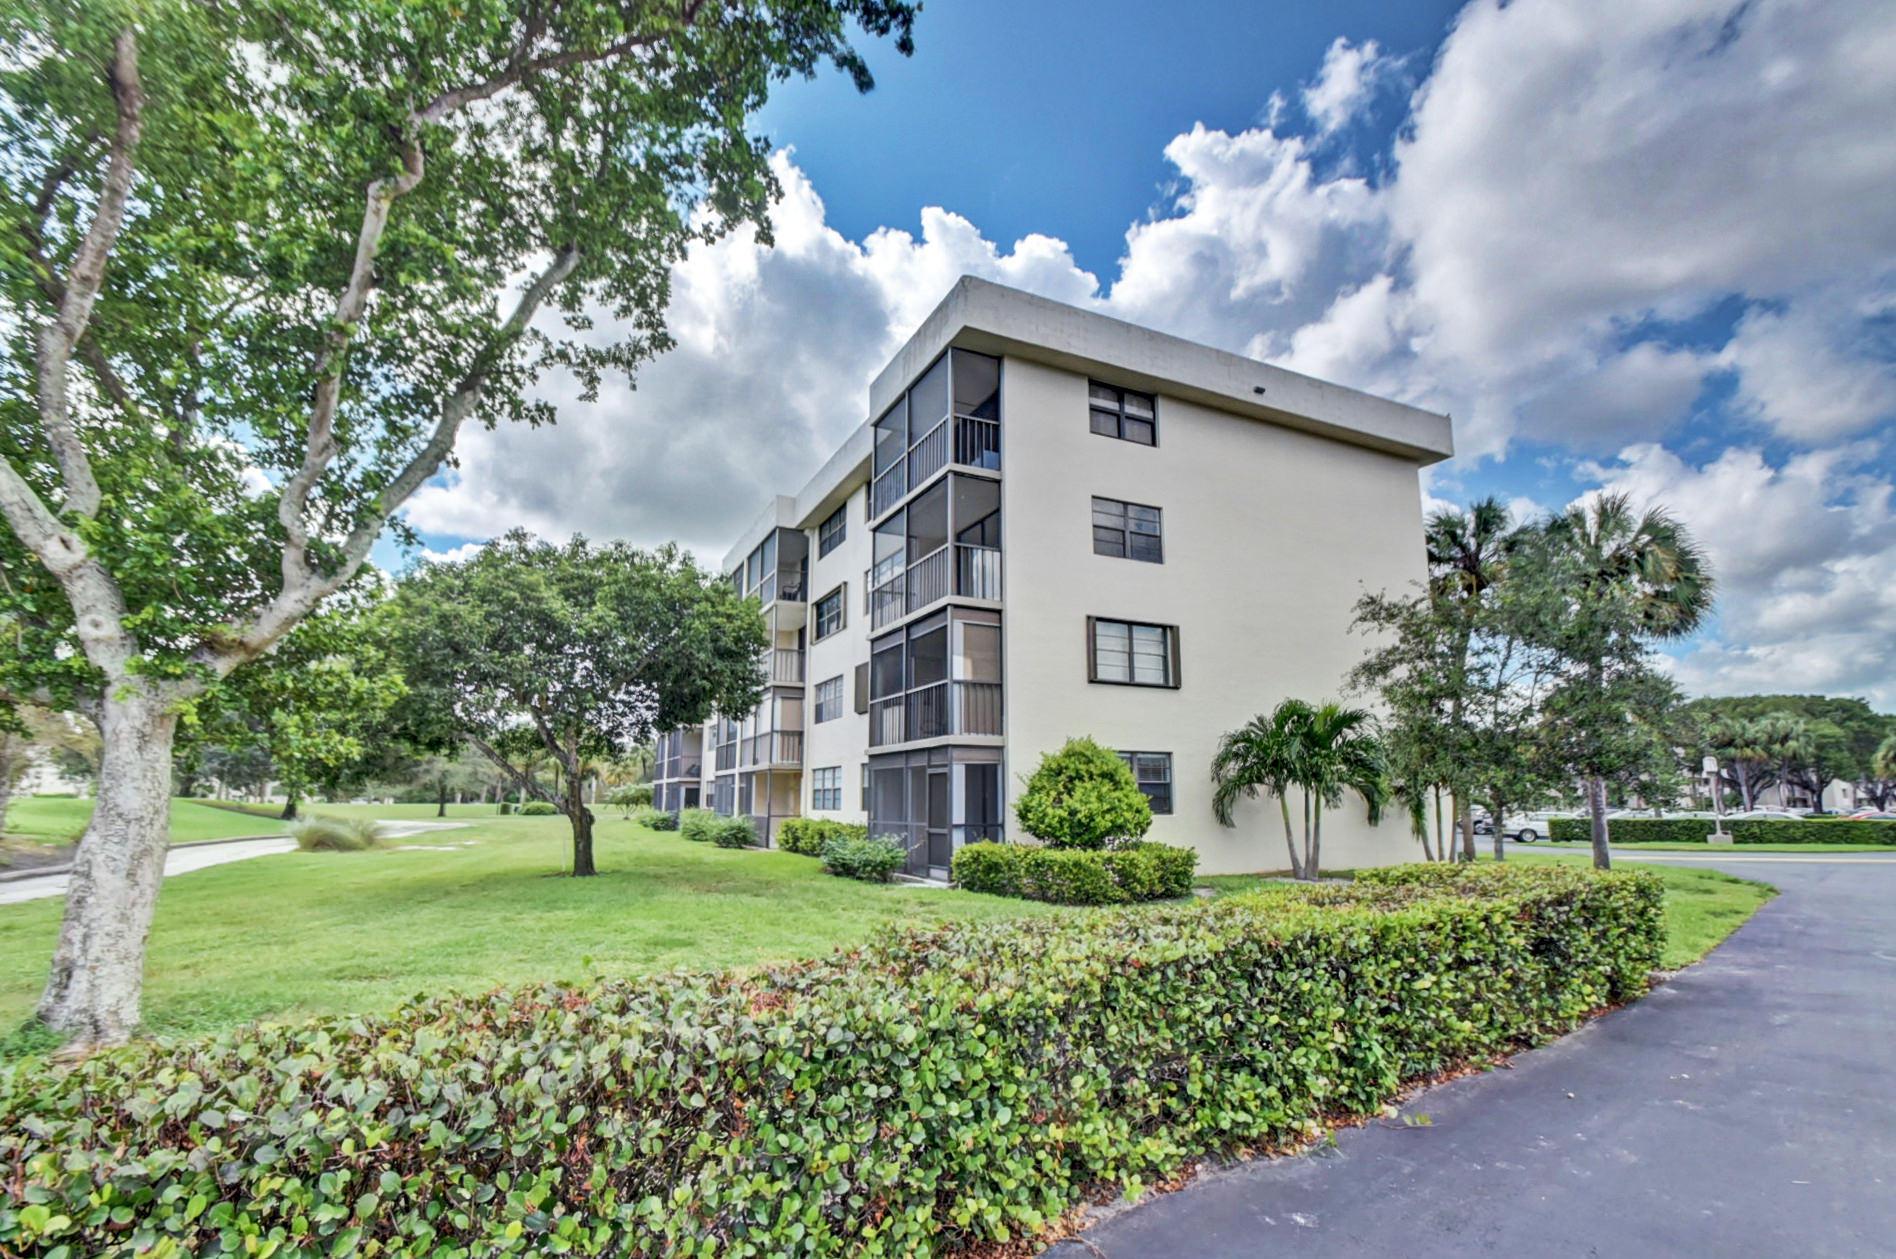 Home for sale in Deer Creek Deerfield Beach Florida